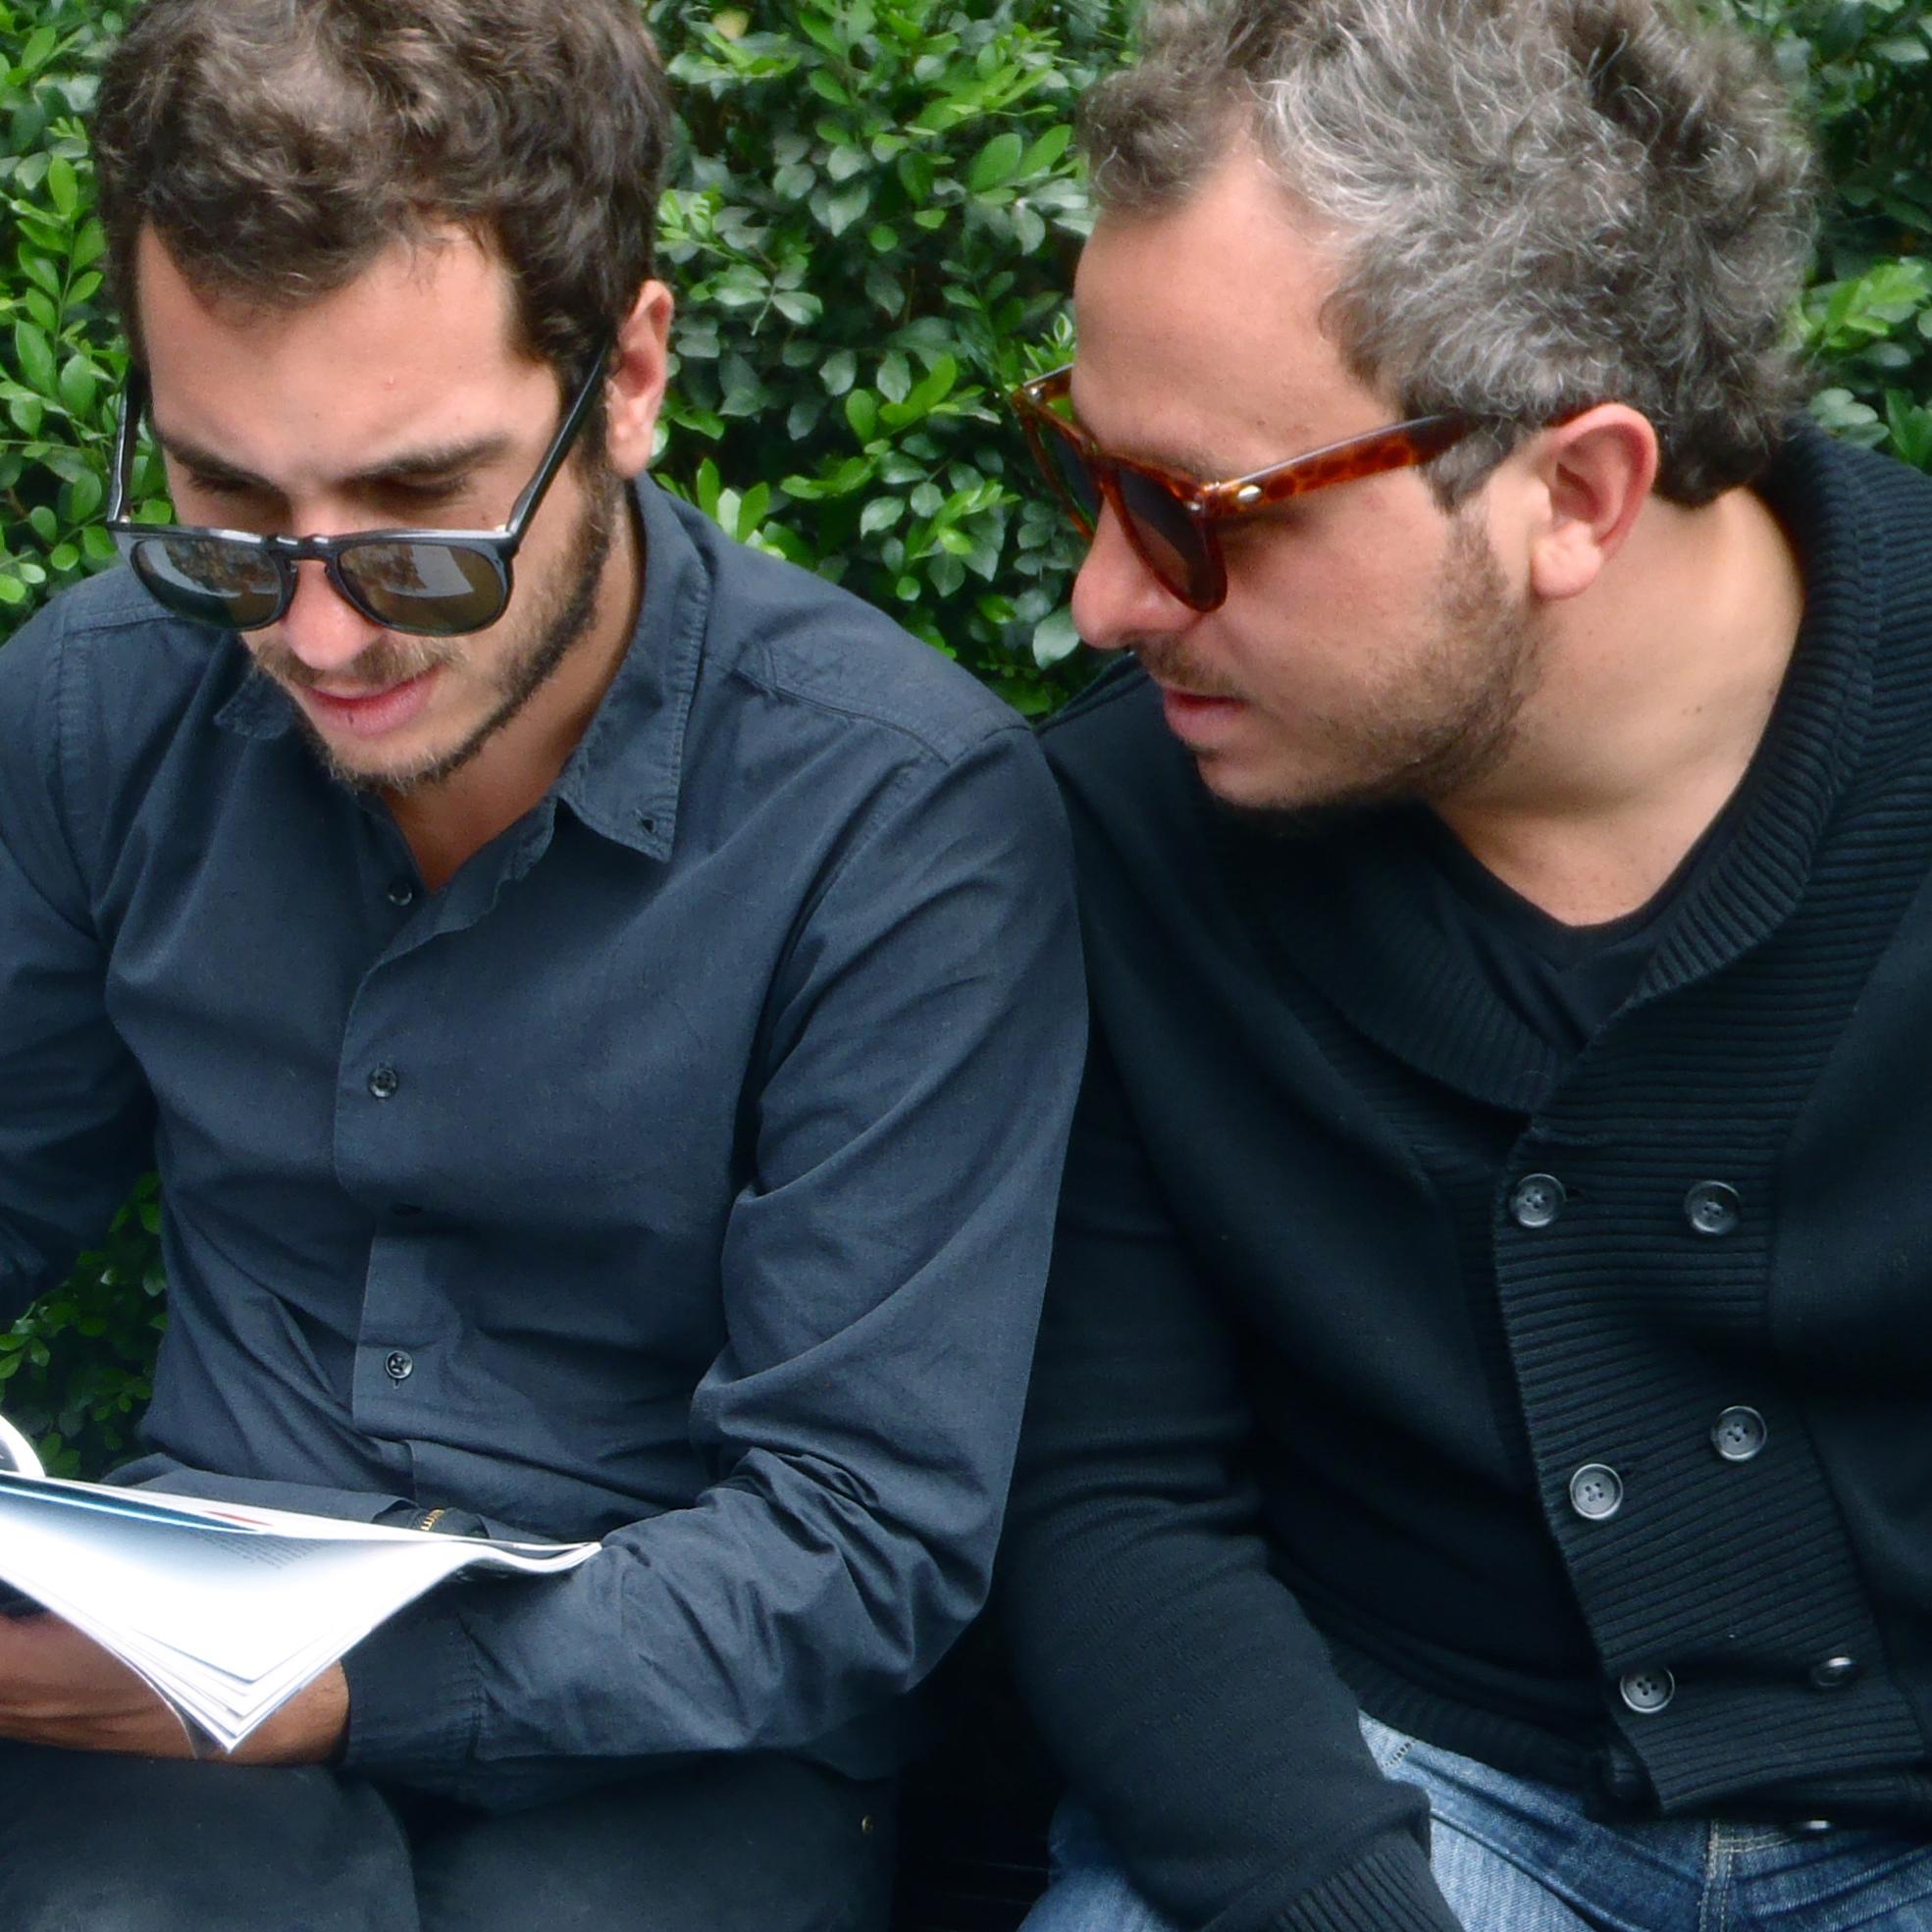 GABRIEL AND MATEO ALAYZA